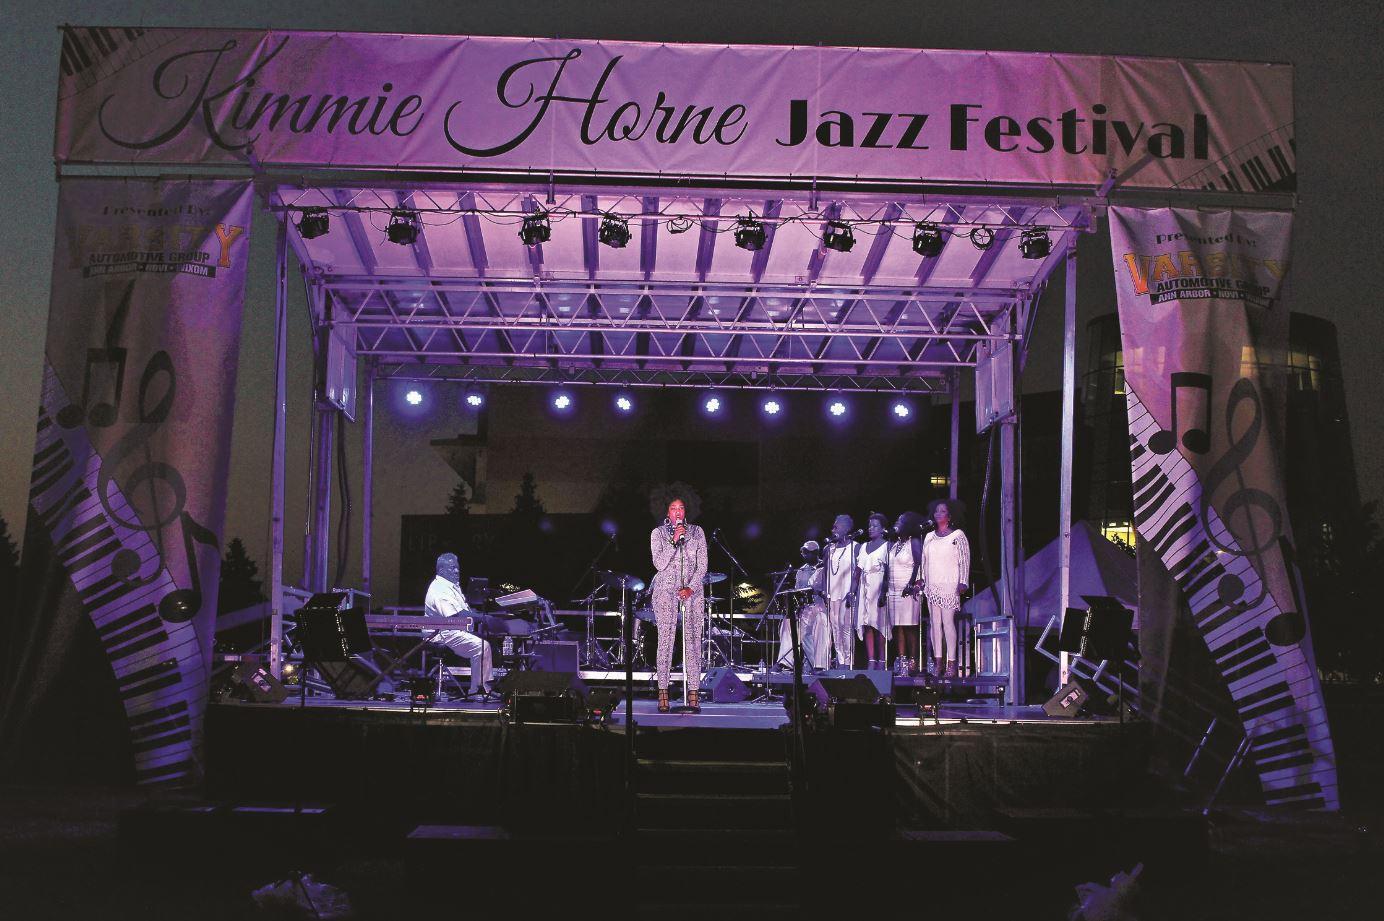 Kimmie Horne Jazz Festival